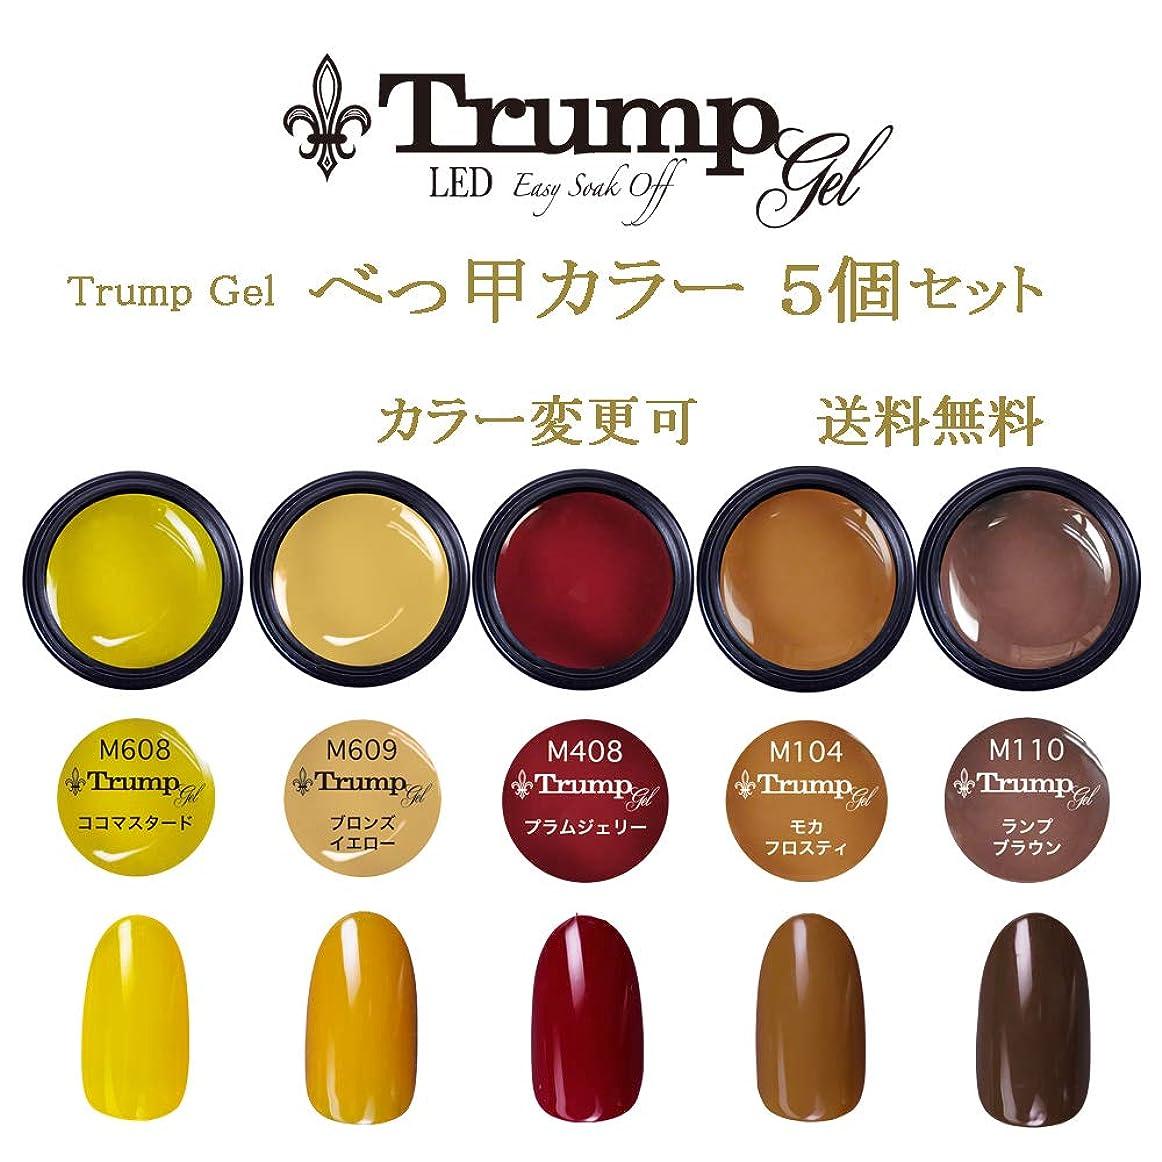 マダムライフルゆるく【送料無料】日本製 Trump gel トランプジェル べっ甲カラー ブラウン系 選べる カラージェル 5個セット べっ甲ネイル ベージュ ブラウン マスタード カラー